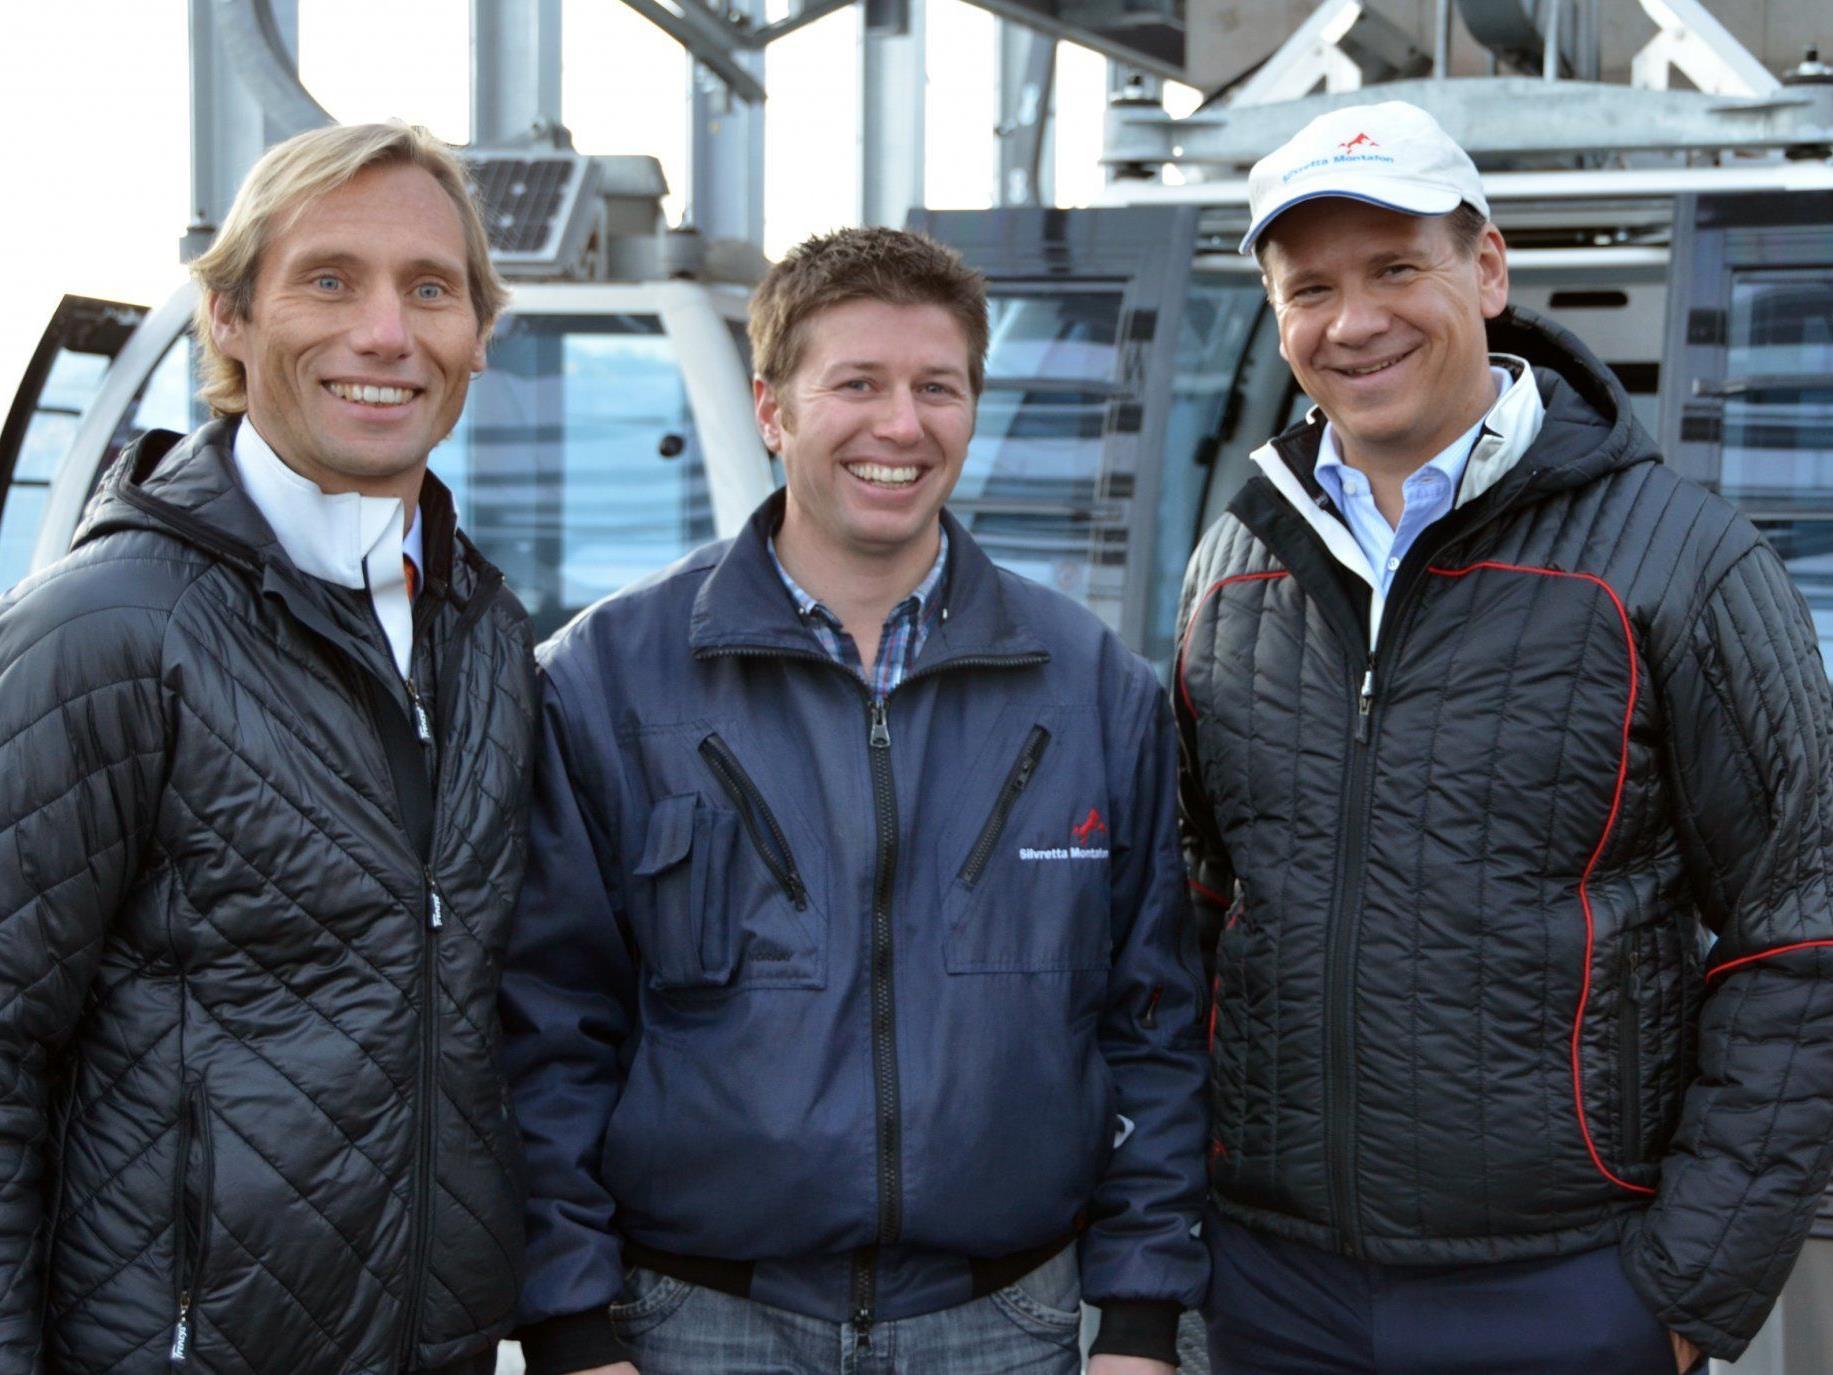 Strahlende Gesichter bei Vorstand Georg Hoblik, Roman Sandrell und Direktor Peter Gaugg.